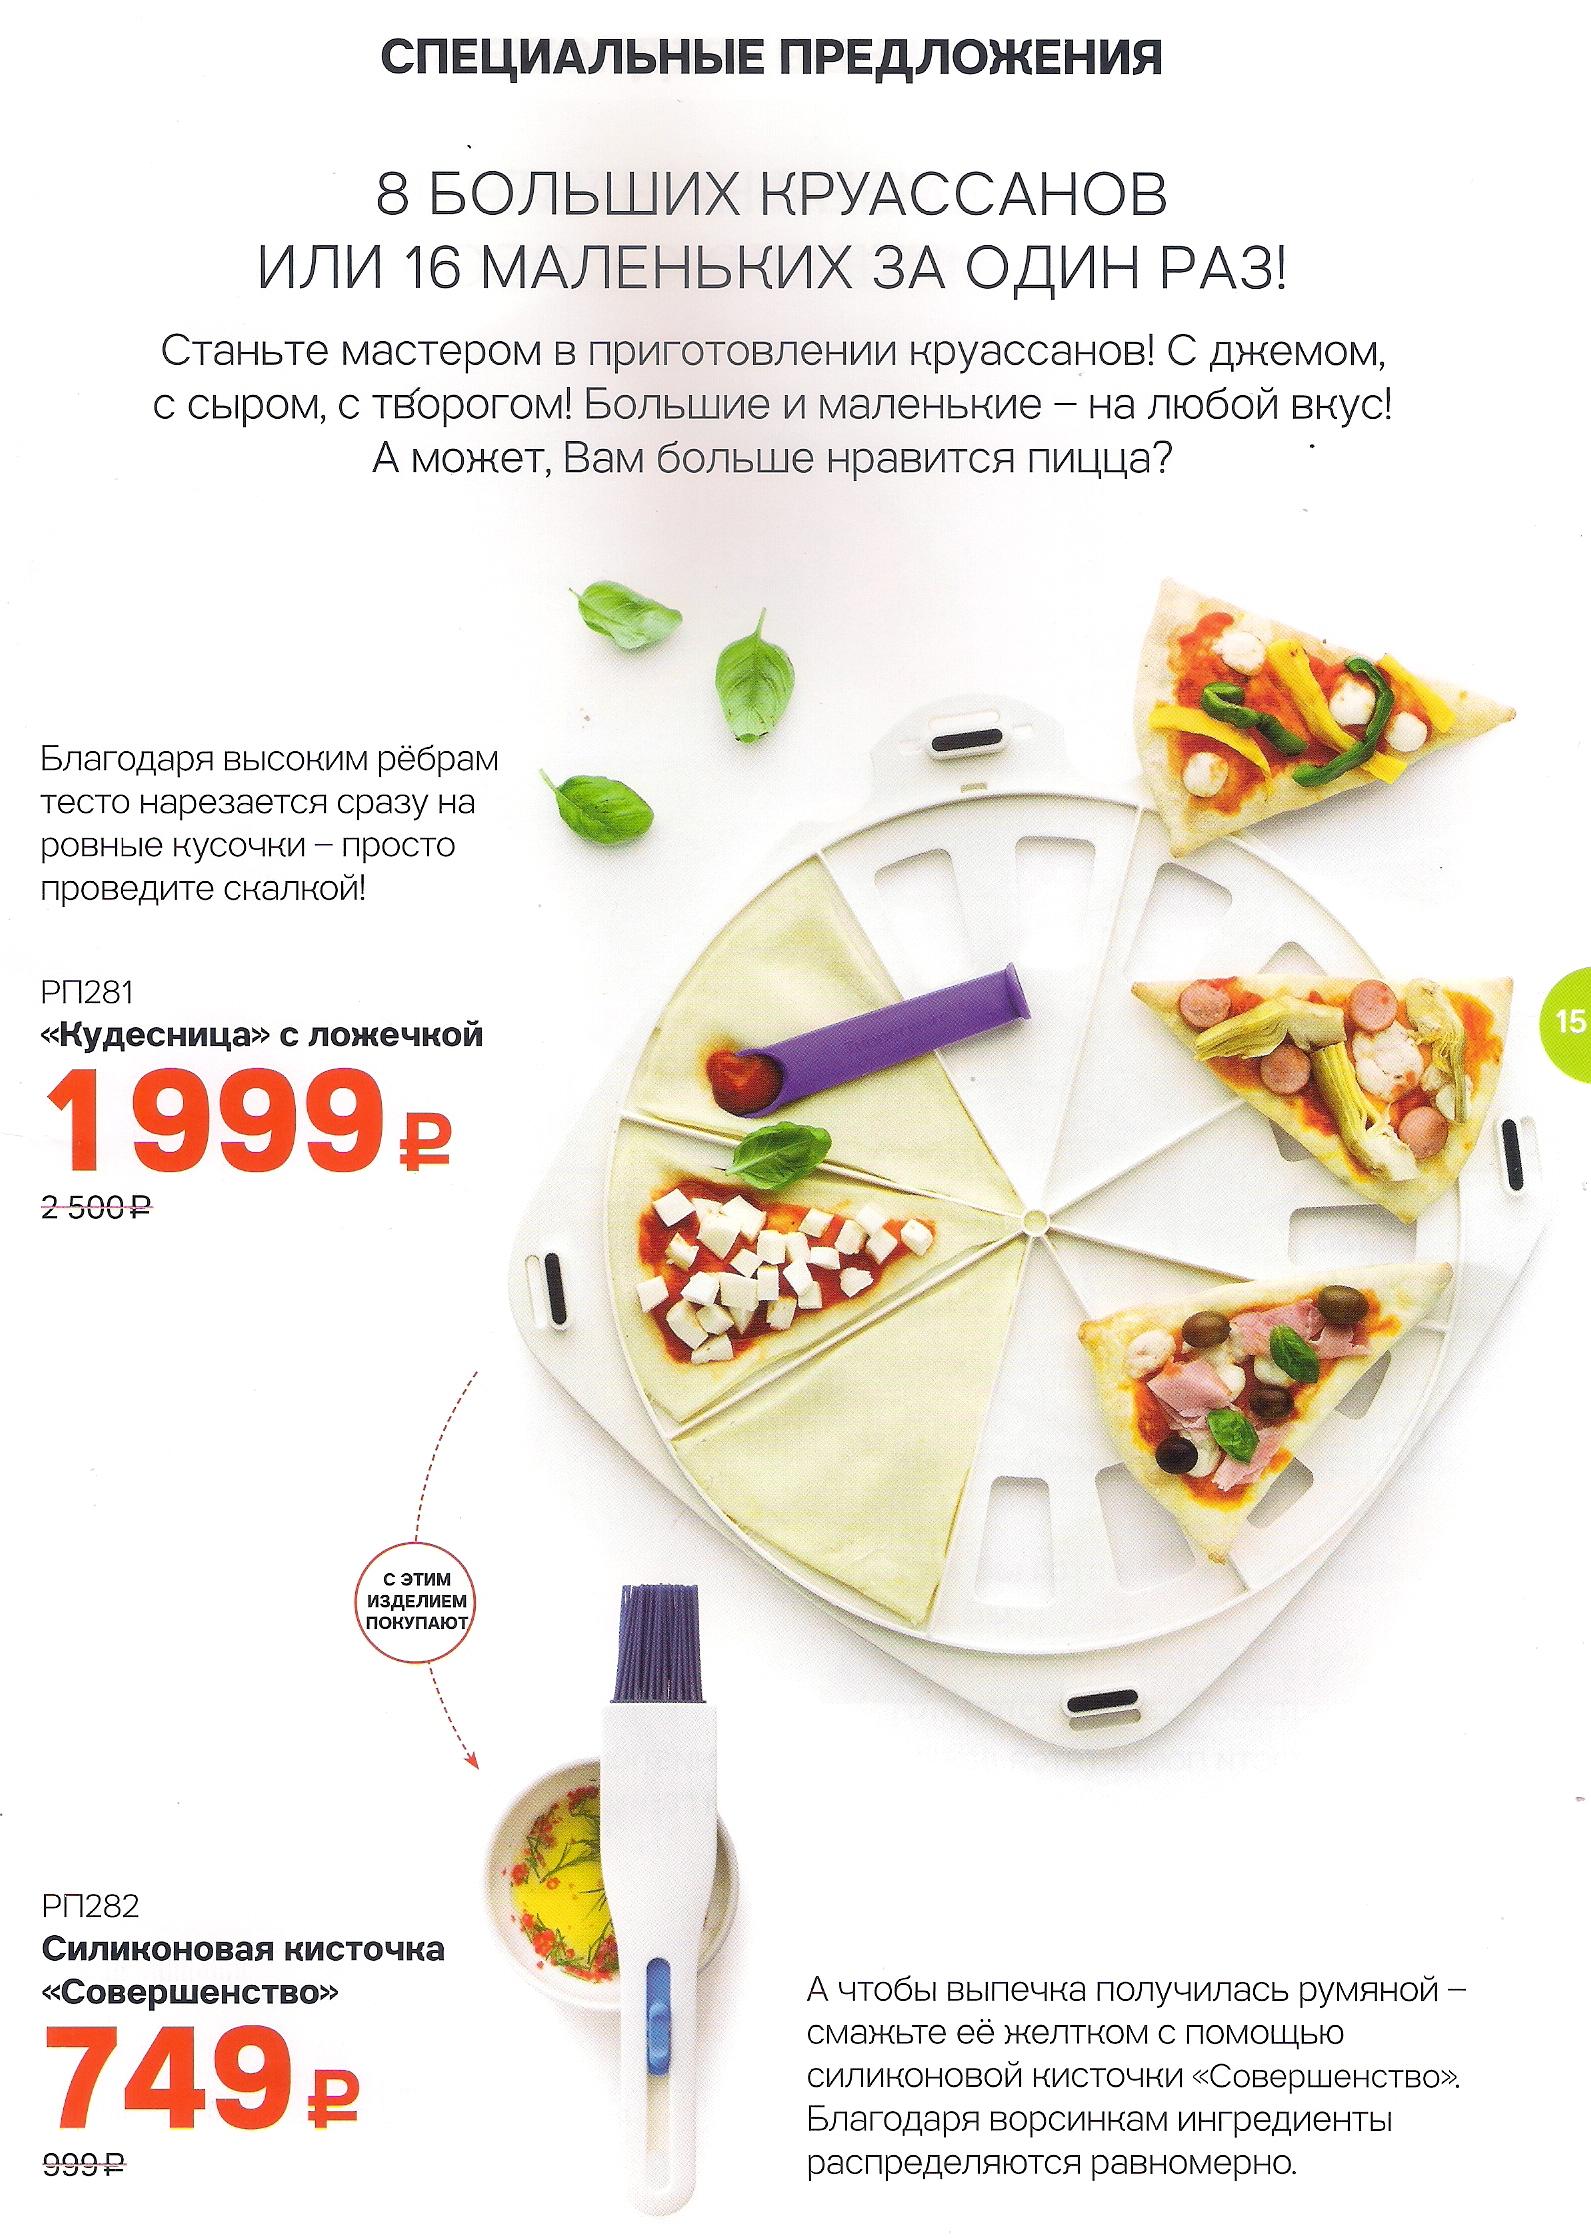 http://tupperware-online.ru/images/upload/14о.jpg